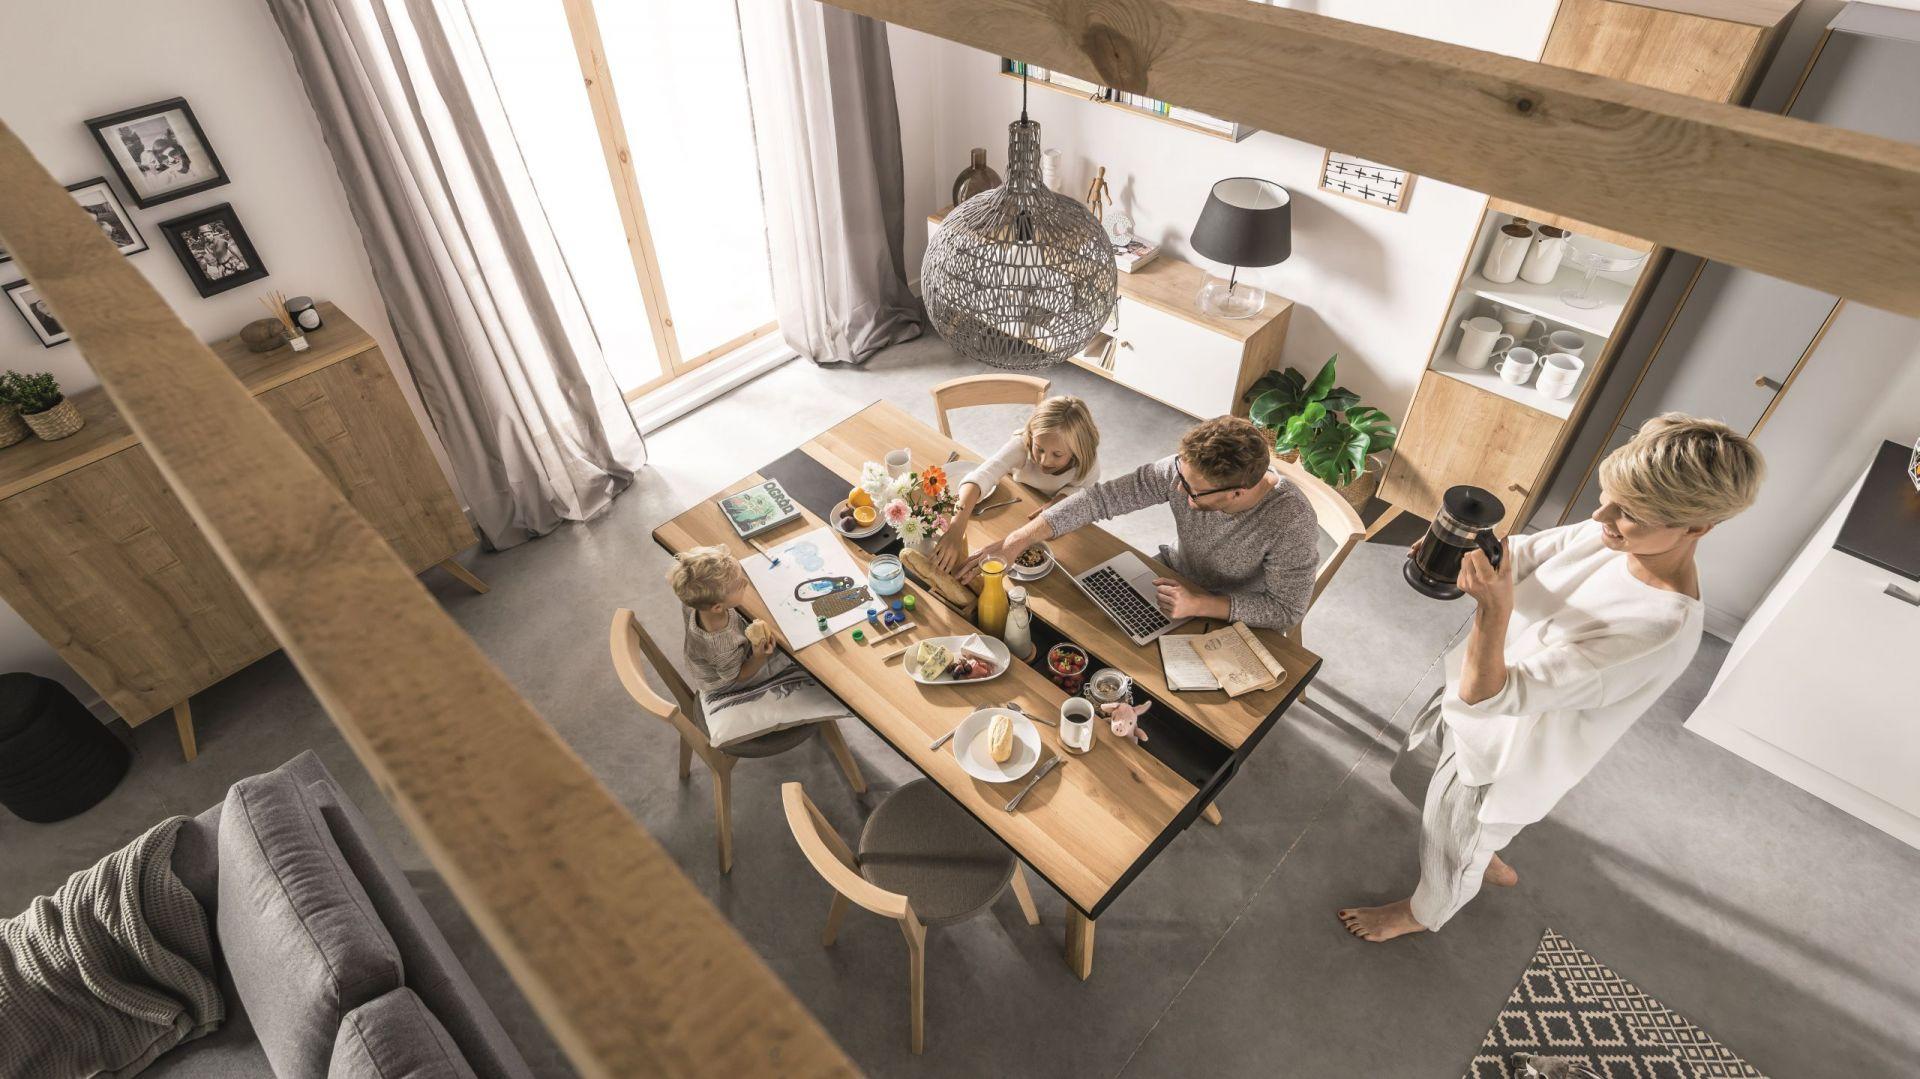 Stół z kolekcji Nature został wykonany w 100% z drewna. Przez całą jego długość biegnie wnęka, wykonana z metalu malowanego na czarno, którą można całkowicie zamknąć, otworzyć bądź częściowo zasłonić. Fot. Vox